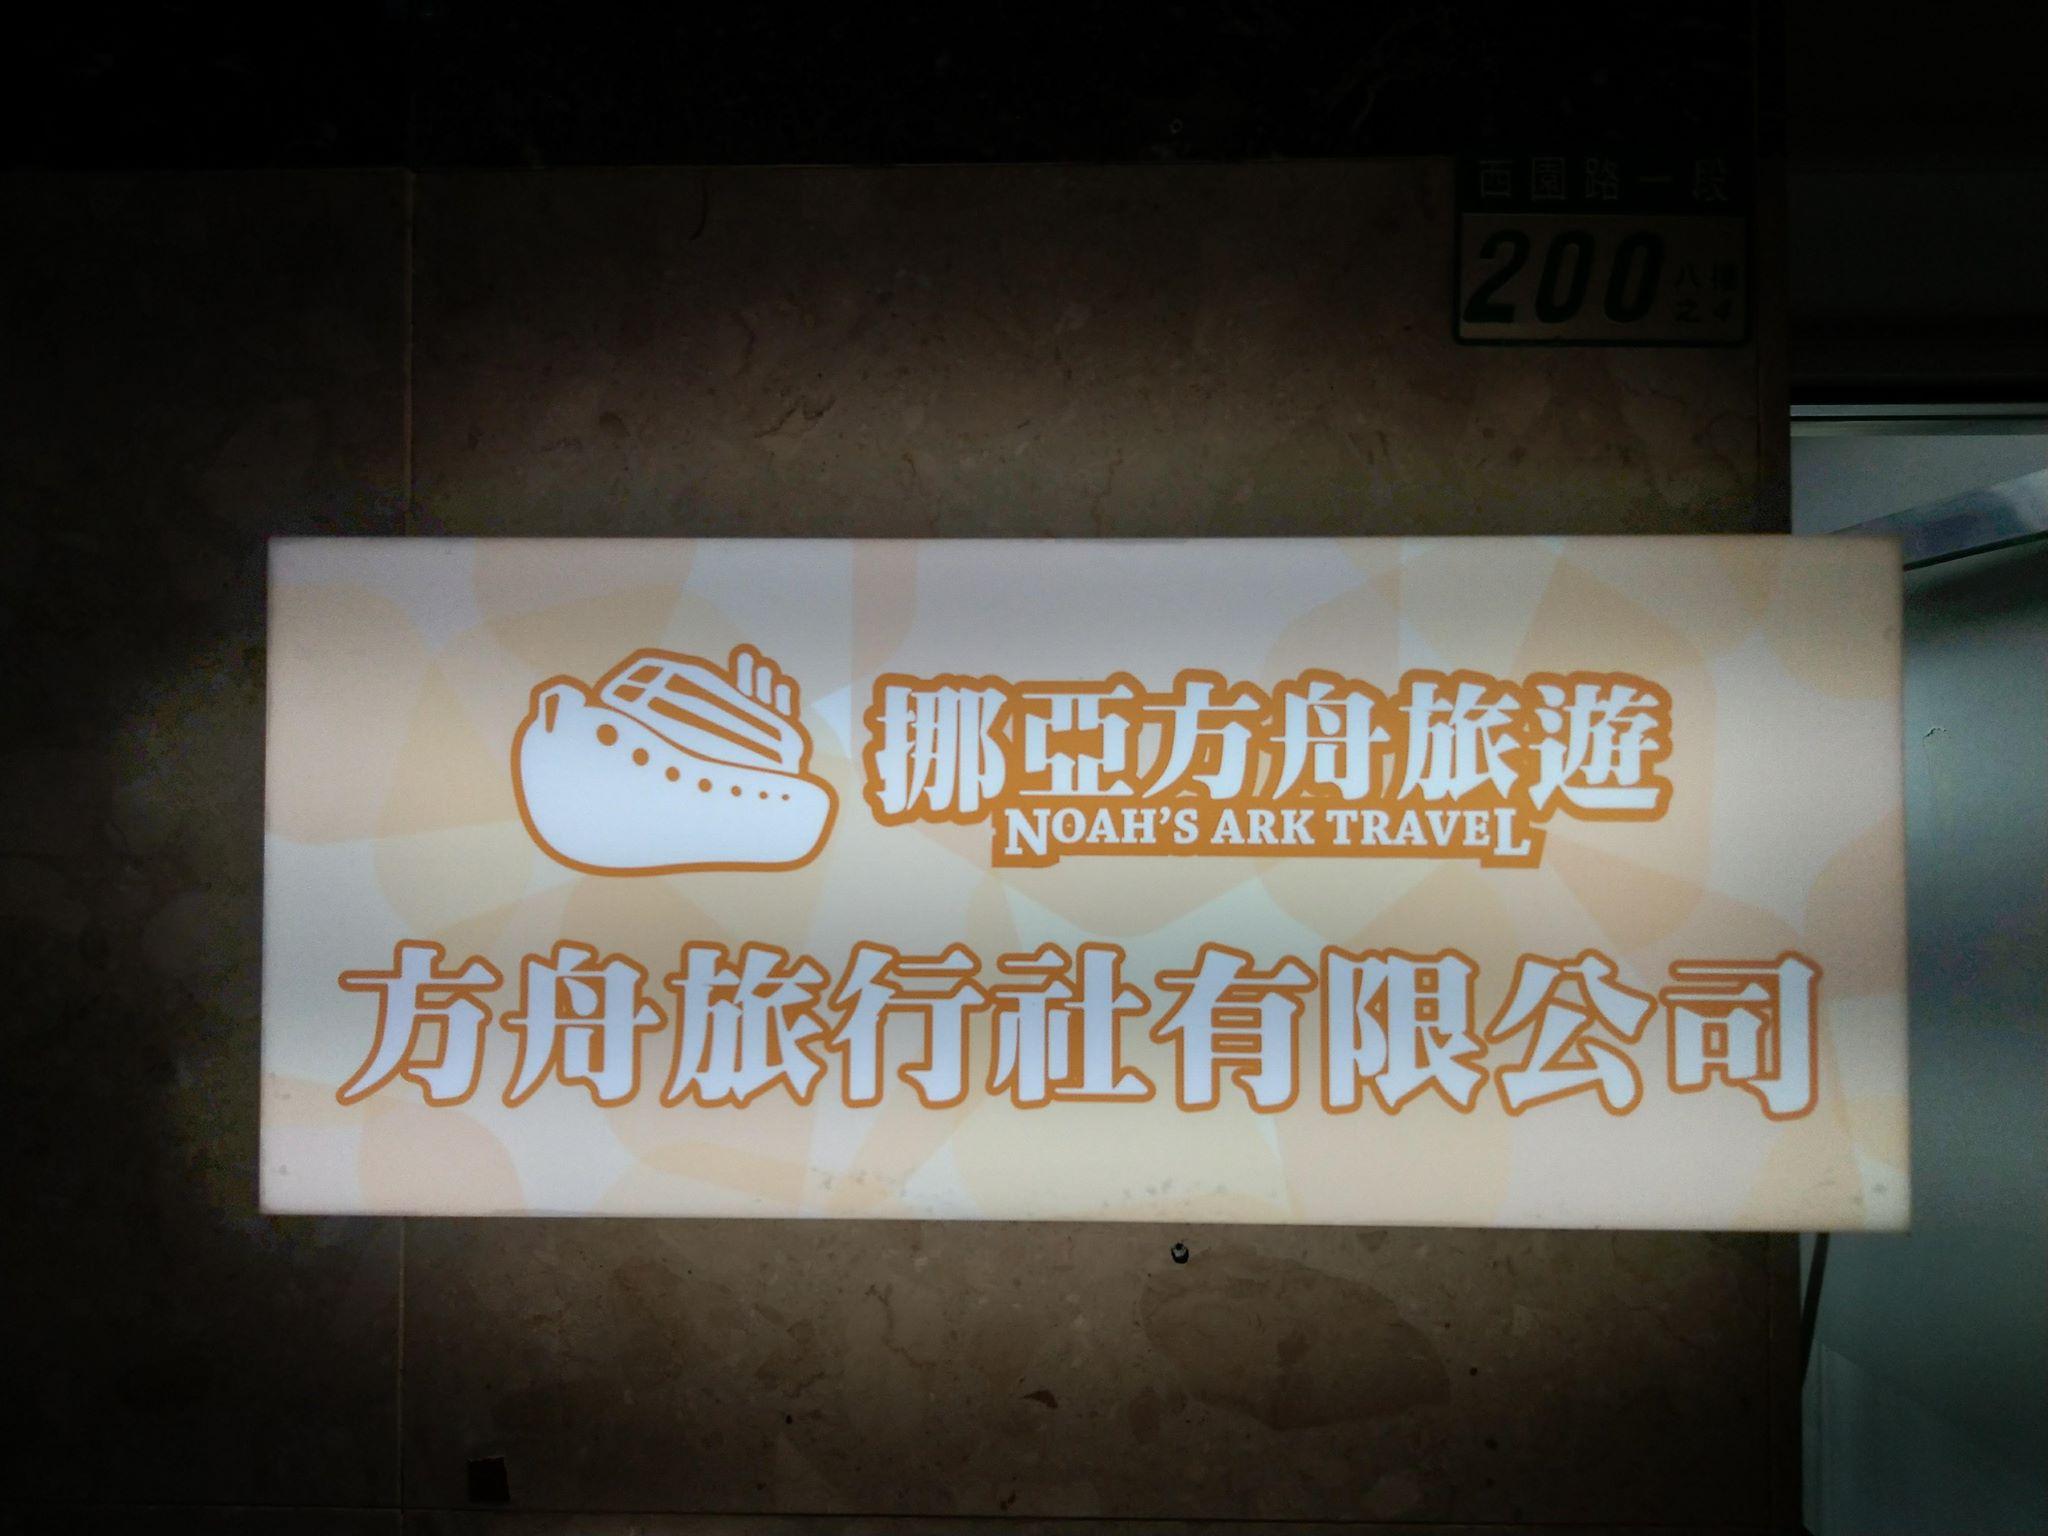 32084226_1936557696355700_5278676623971844096_n.jp